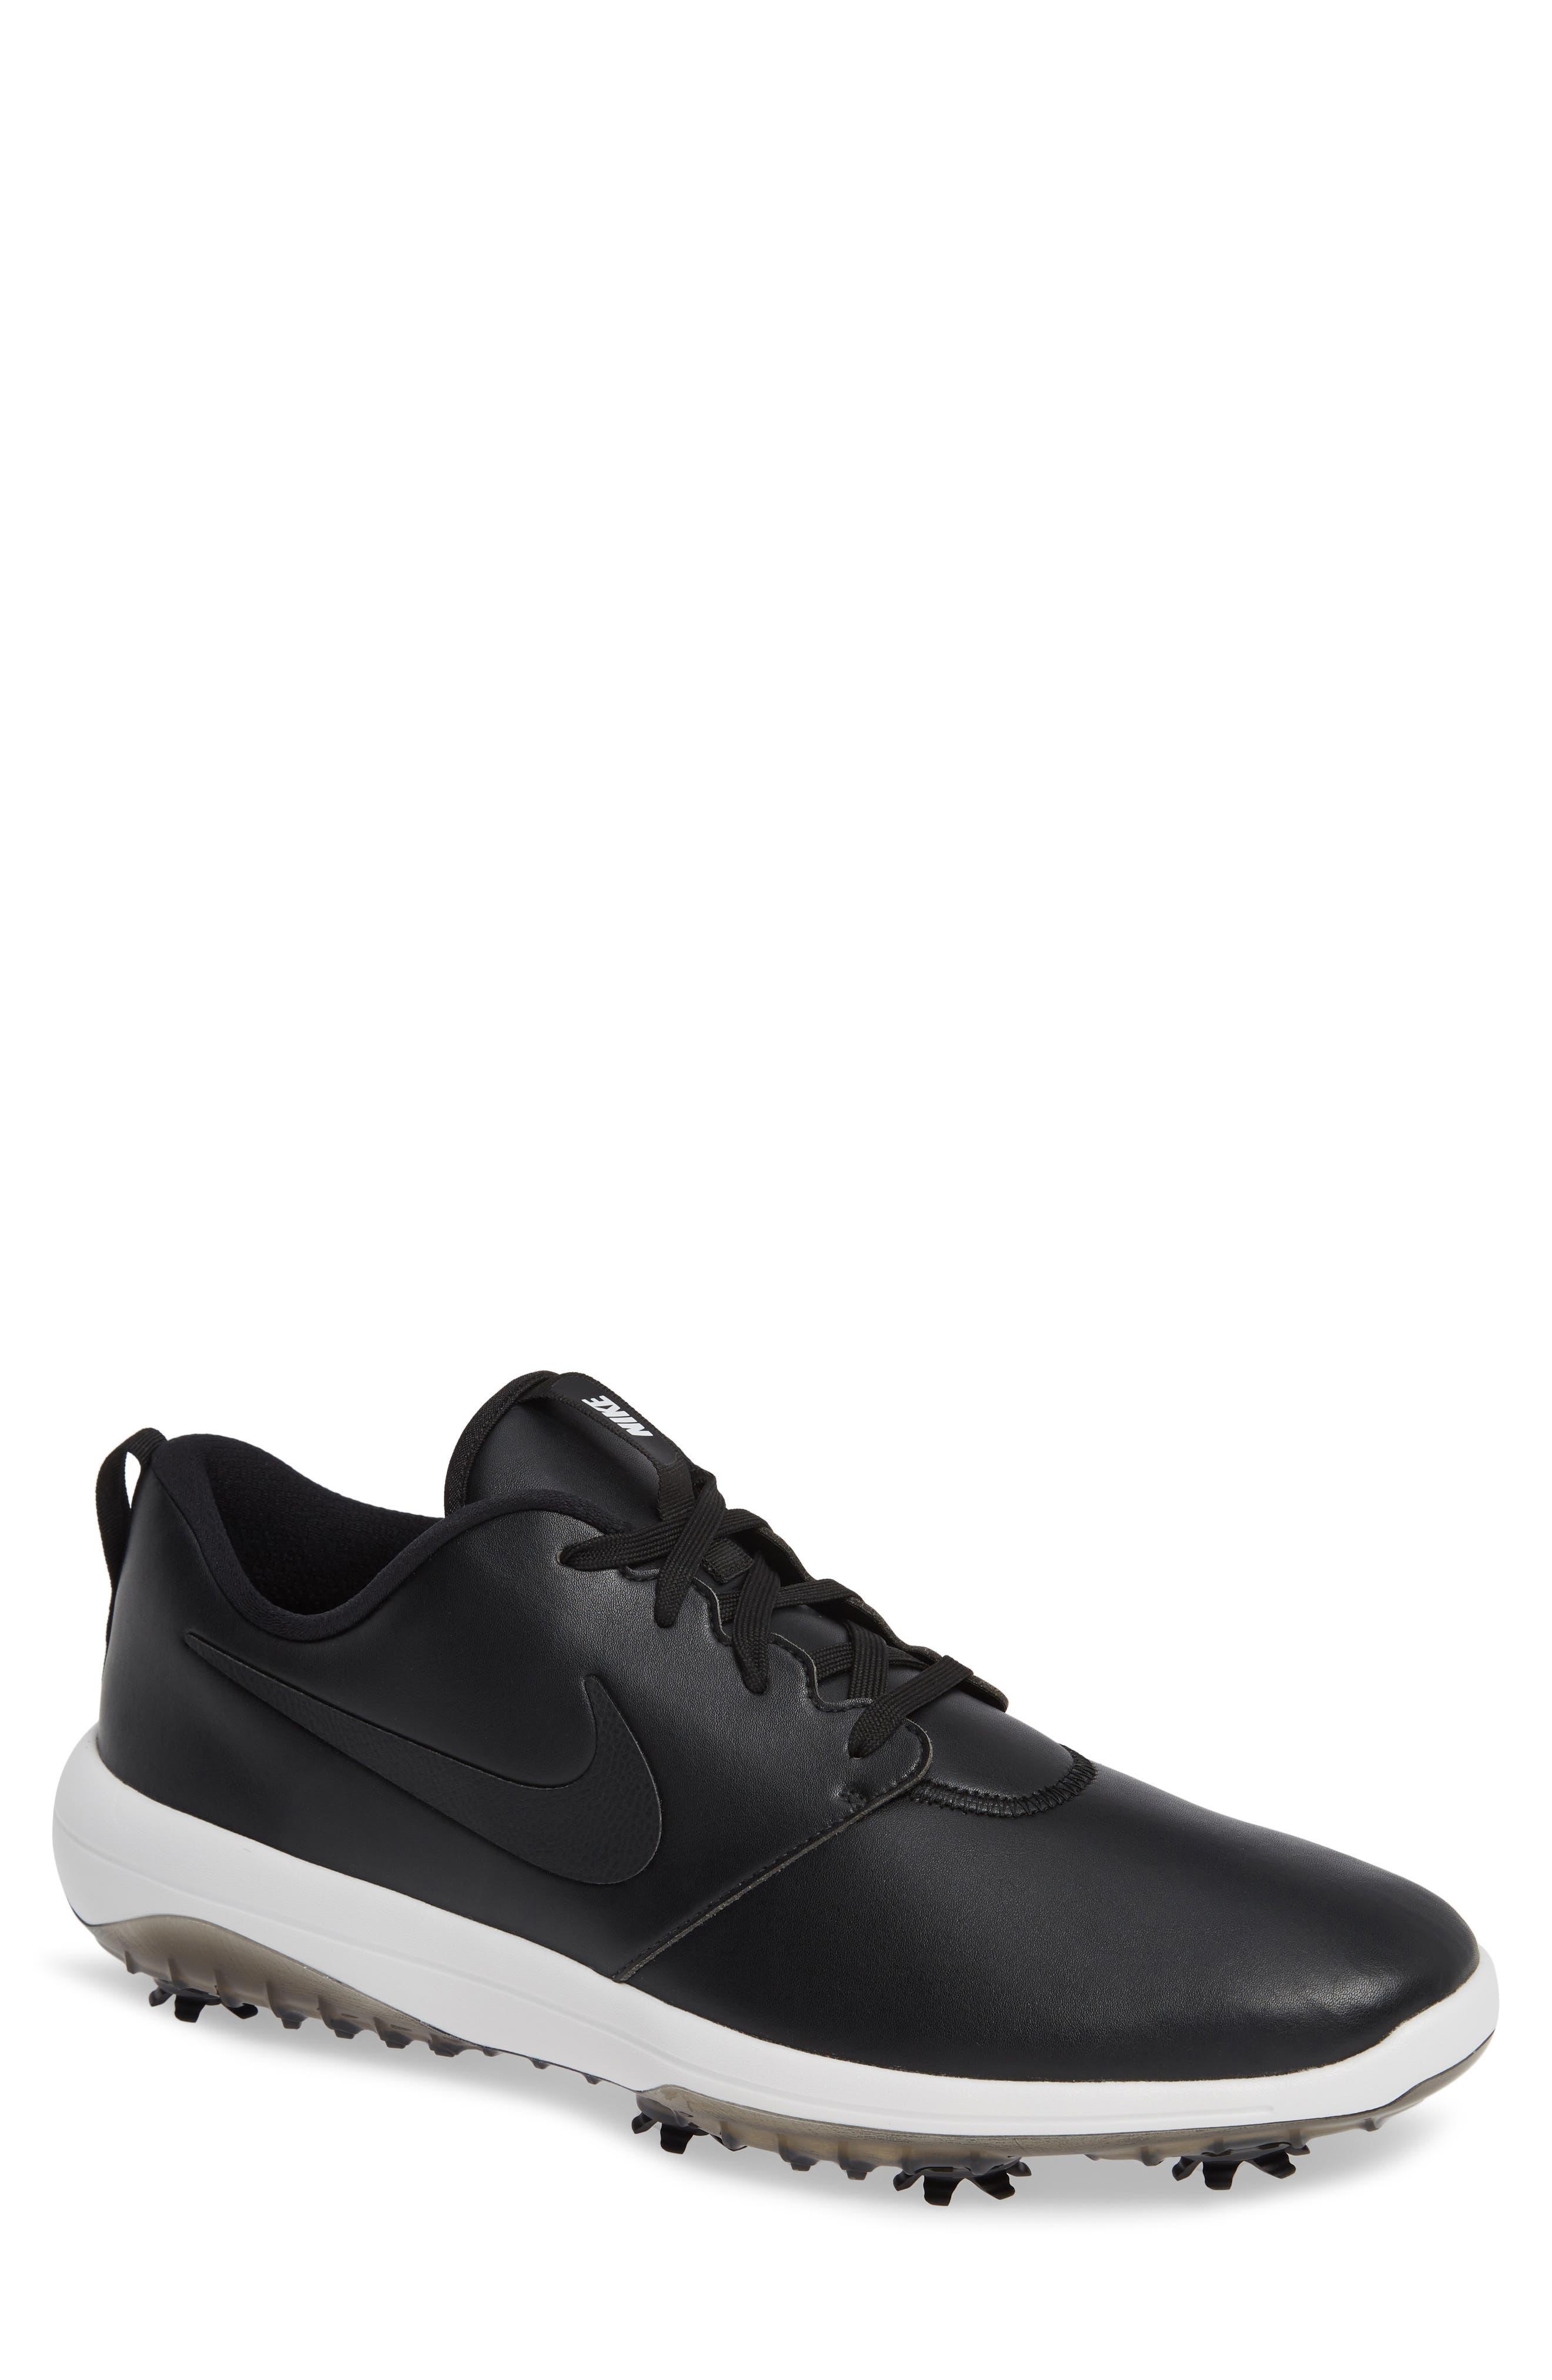 Men's Golf Shoes | Nordstrom